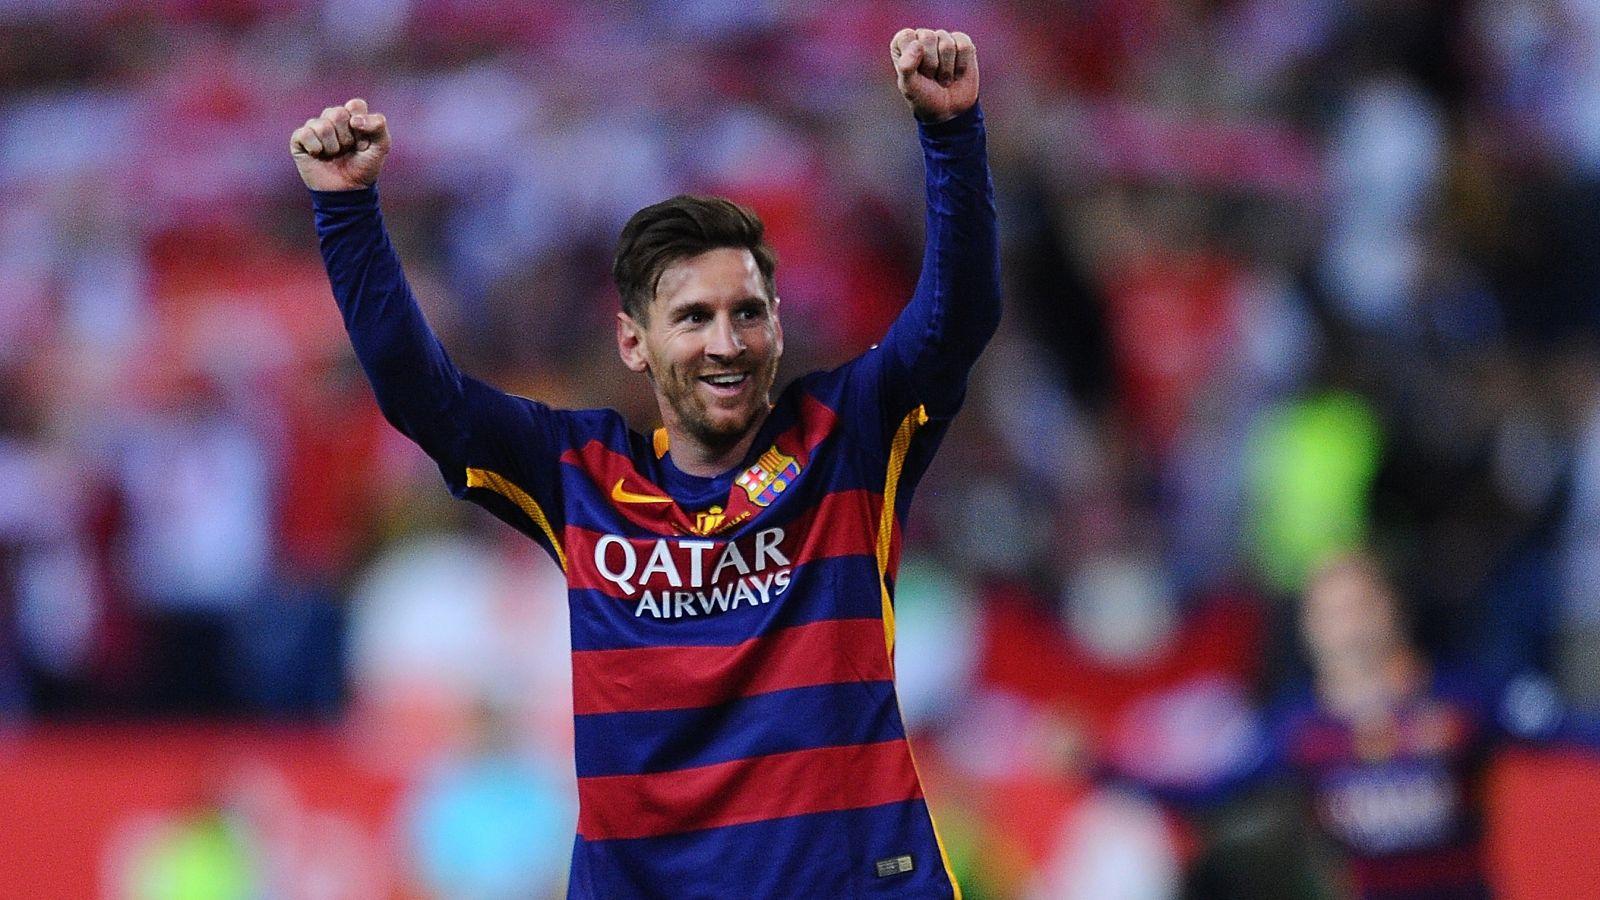 Man United line up move for Barcelona superstar Messi